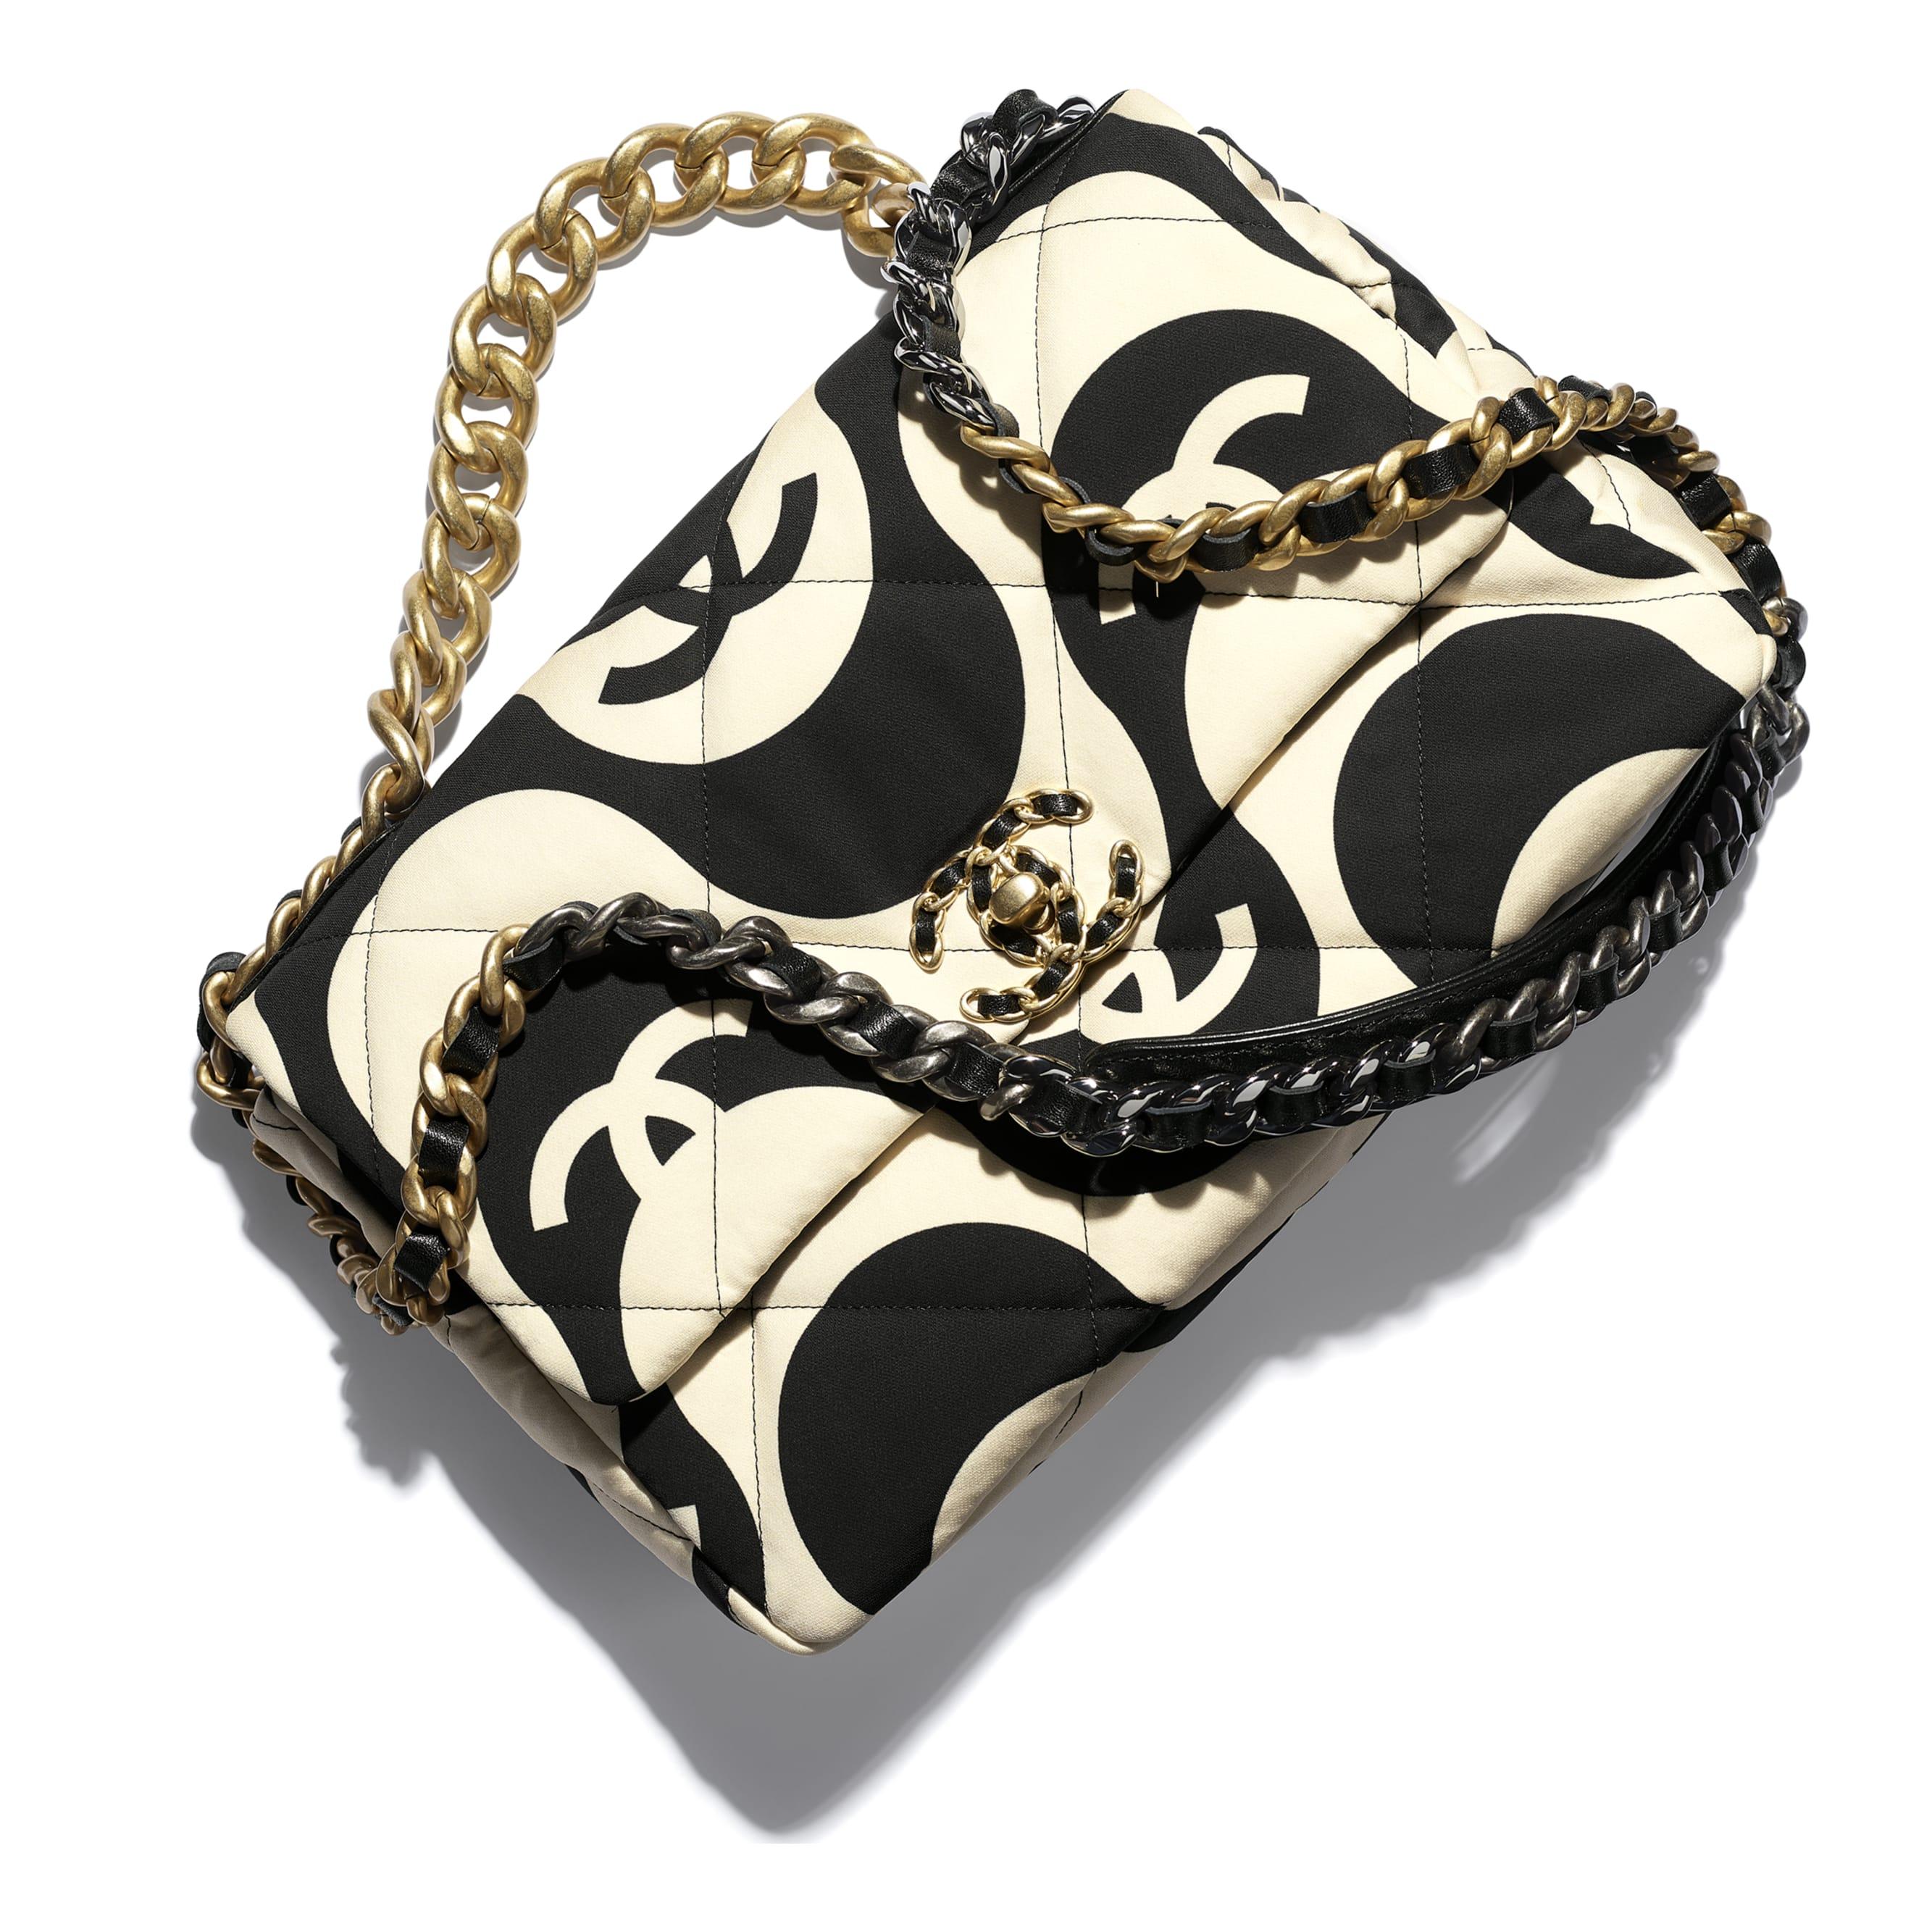 Grand sac à rabat CHANEL 19 - Noir & écru - Tissu imprimé, métal doré, argenté & finition ruthénium - CHANEL - Vue supplémentaire - voir la version taille standard